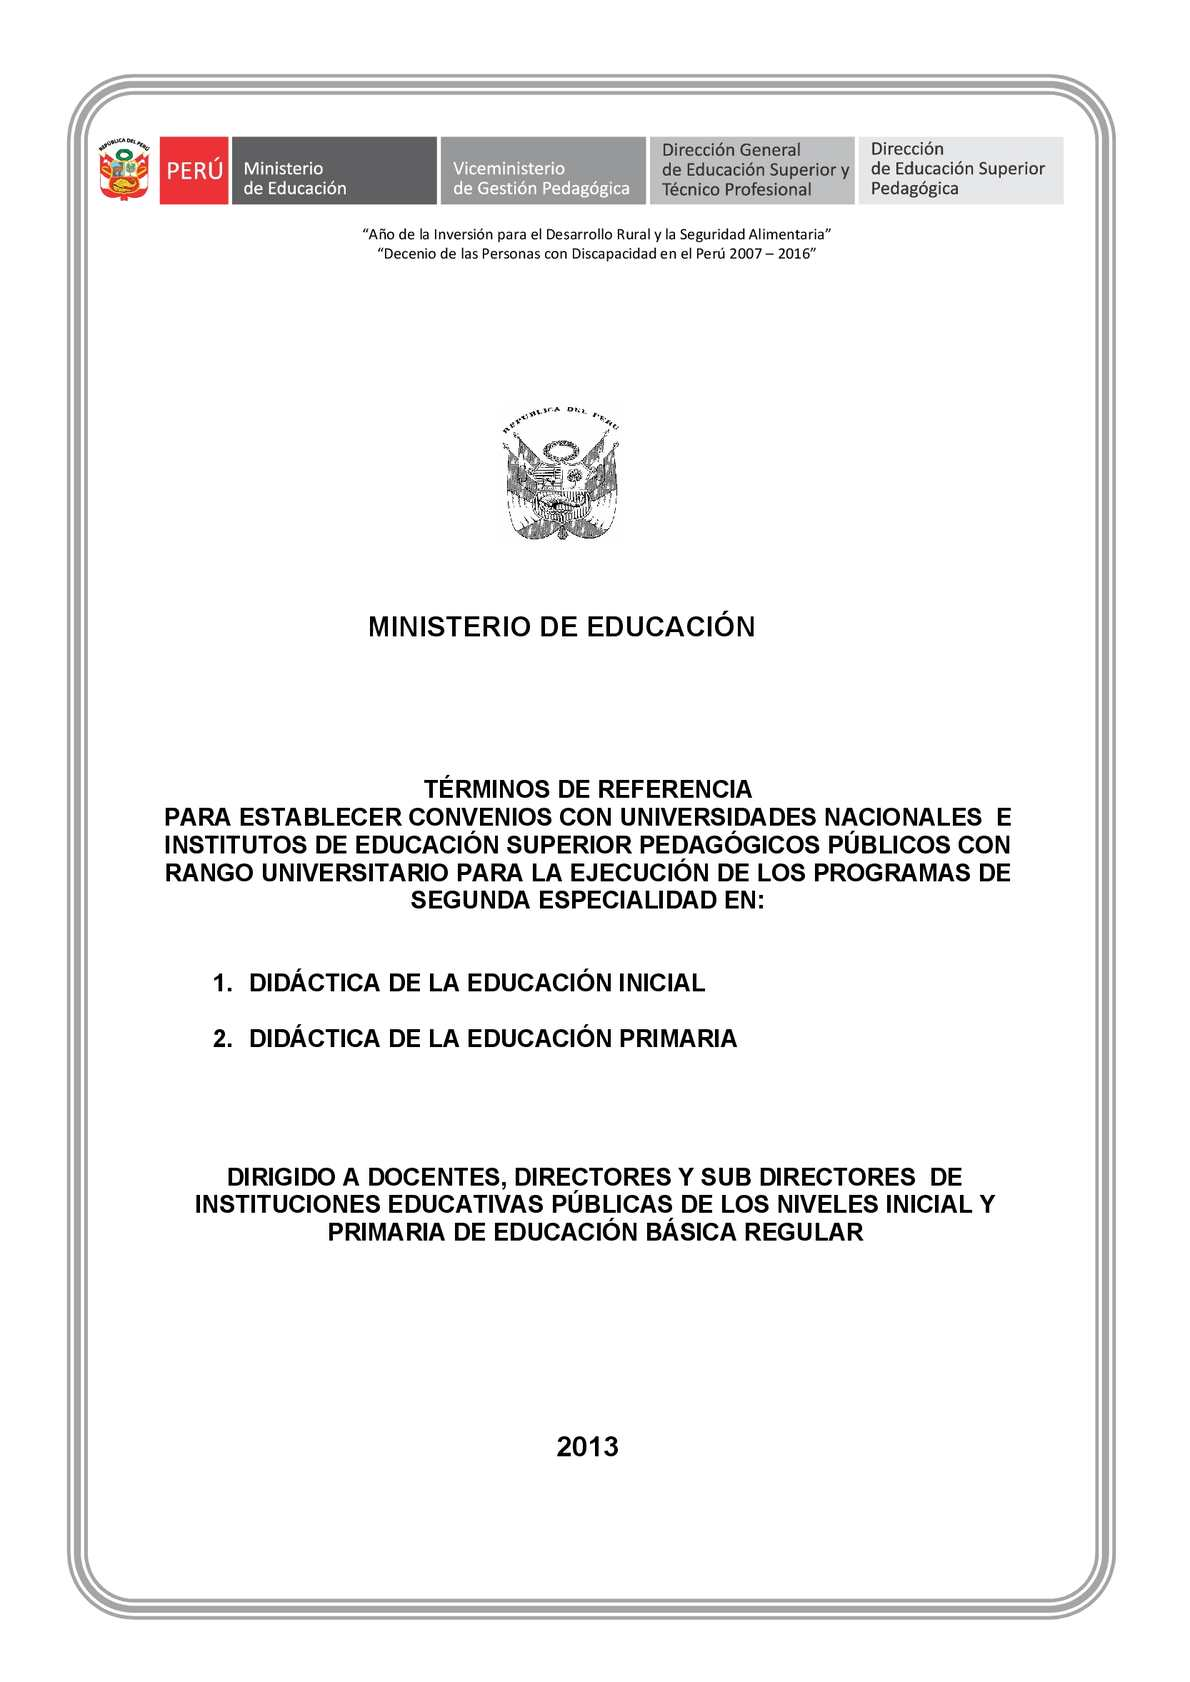 Tdr de educacion inicial y primaria.pdf